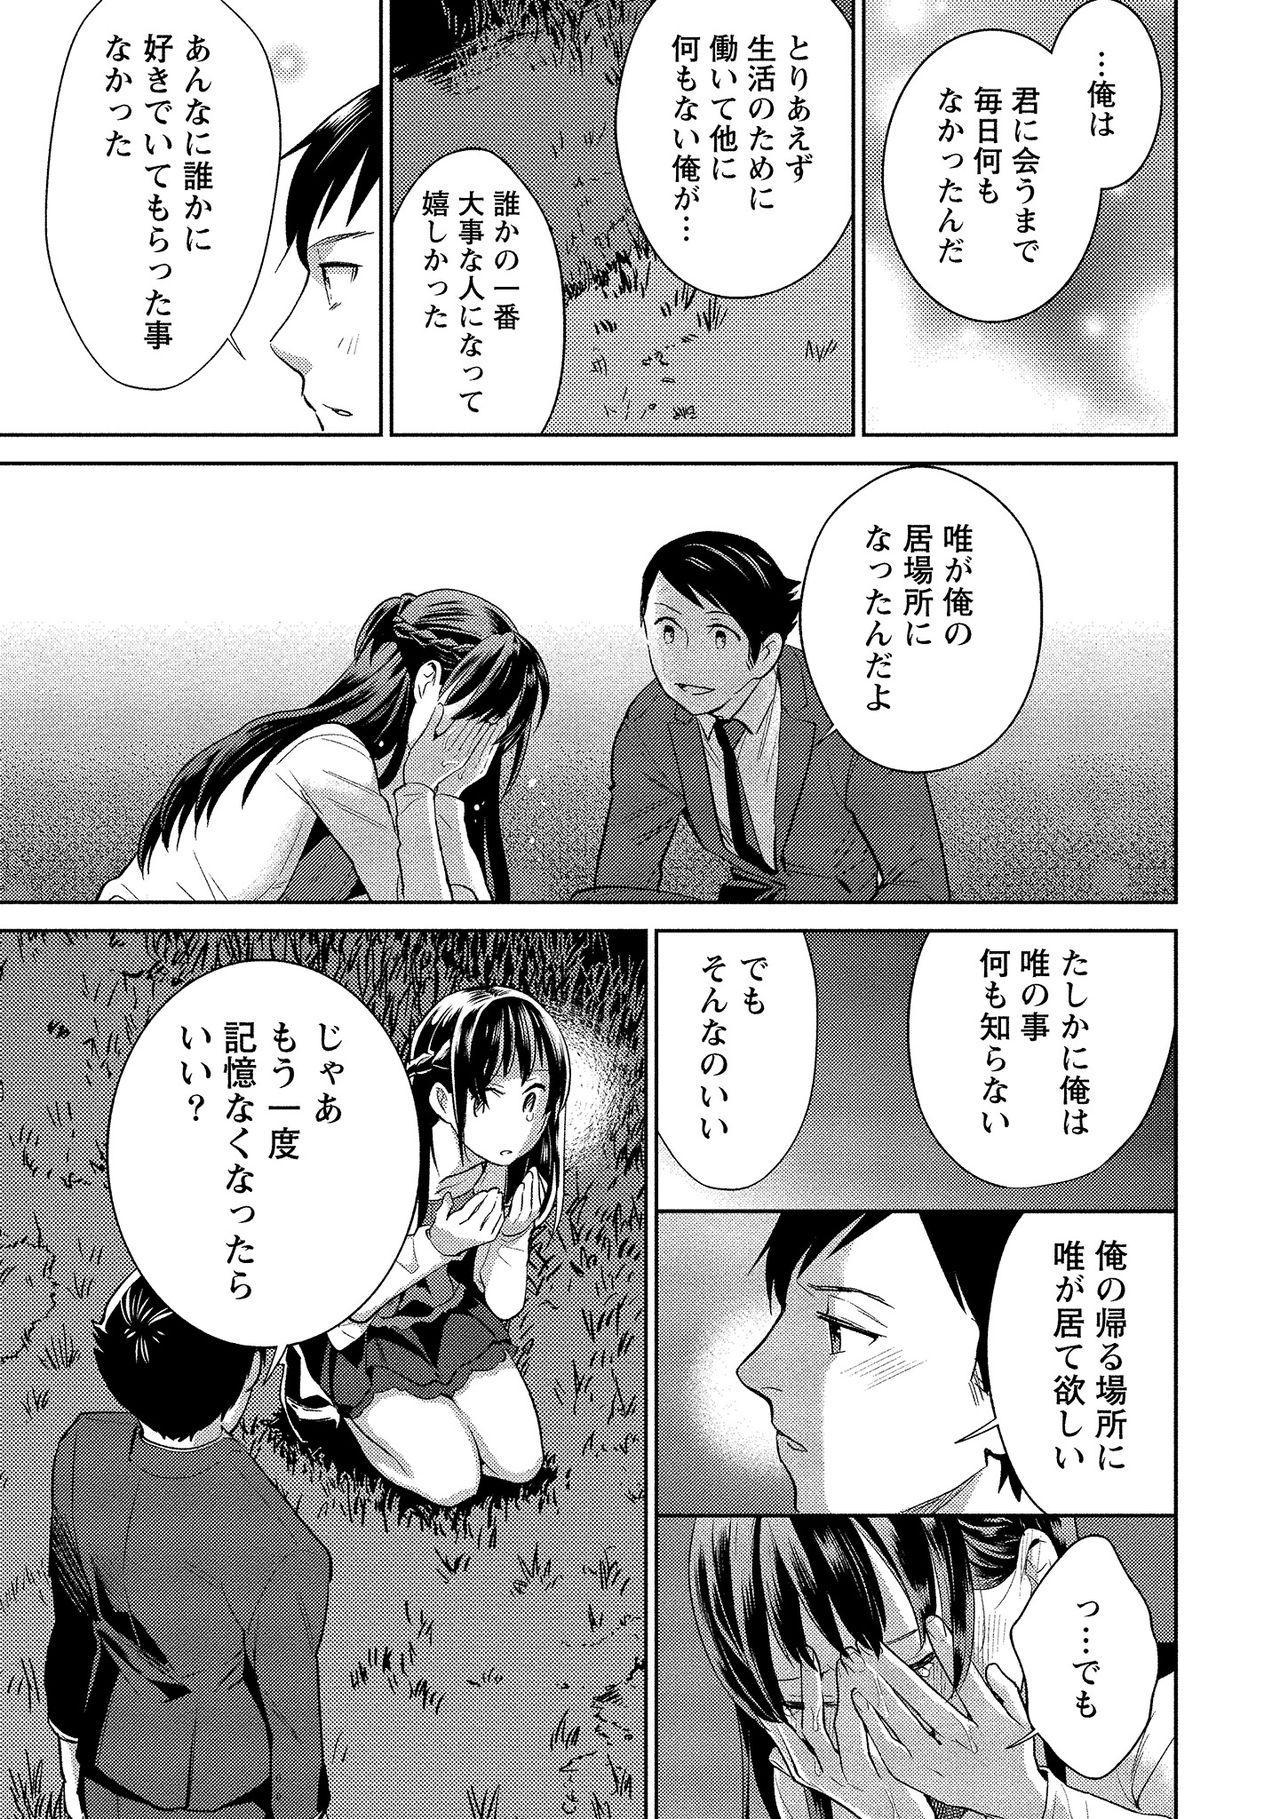 Dorobou Neko wa Kanojo no Hajimari 209